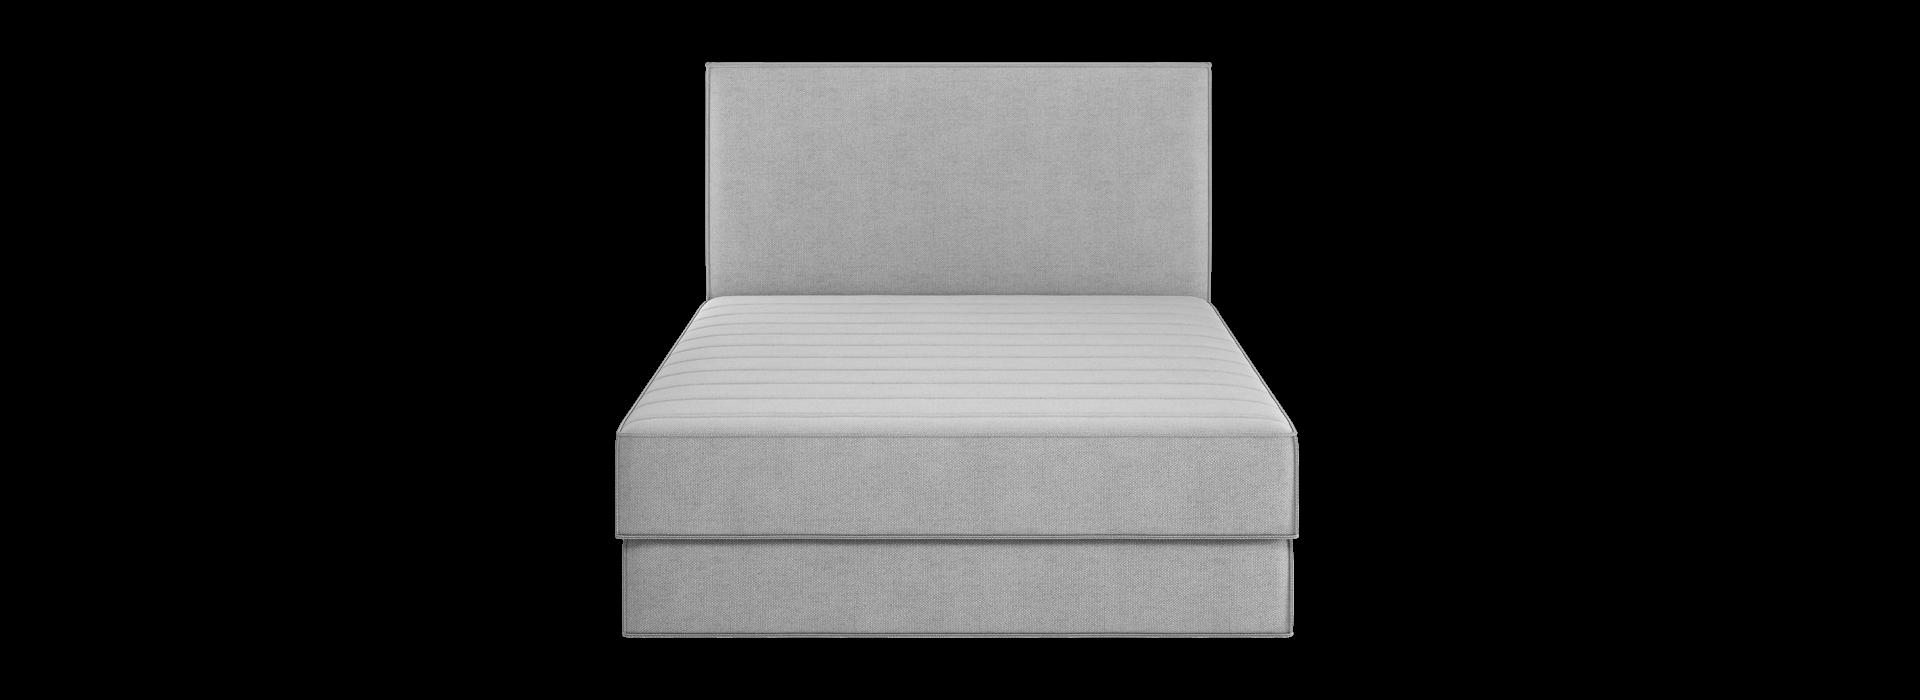 Ліна 1.4 ліжко з підйомником - маска 3